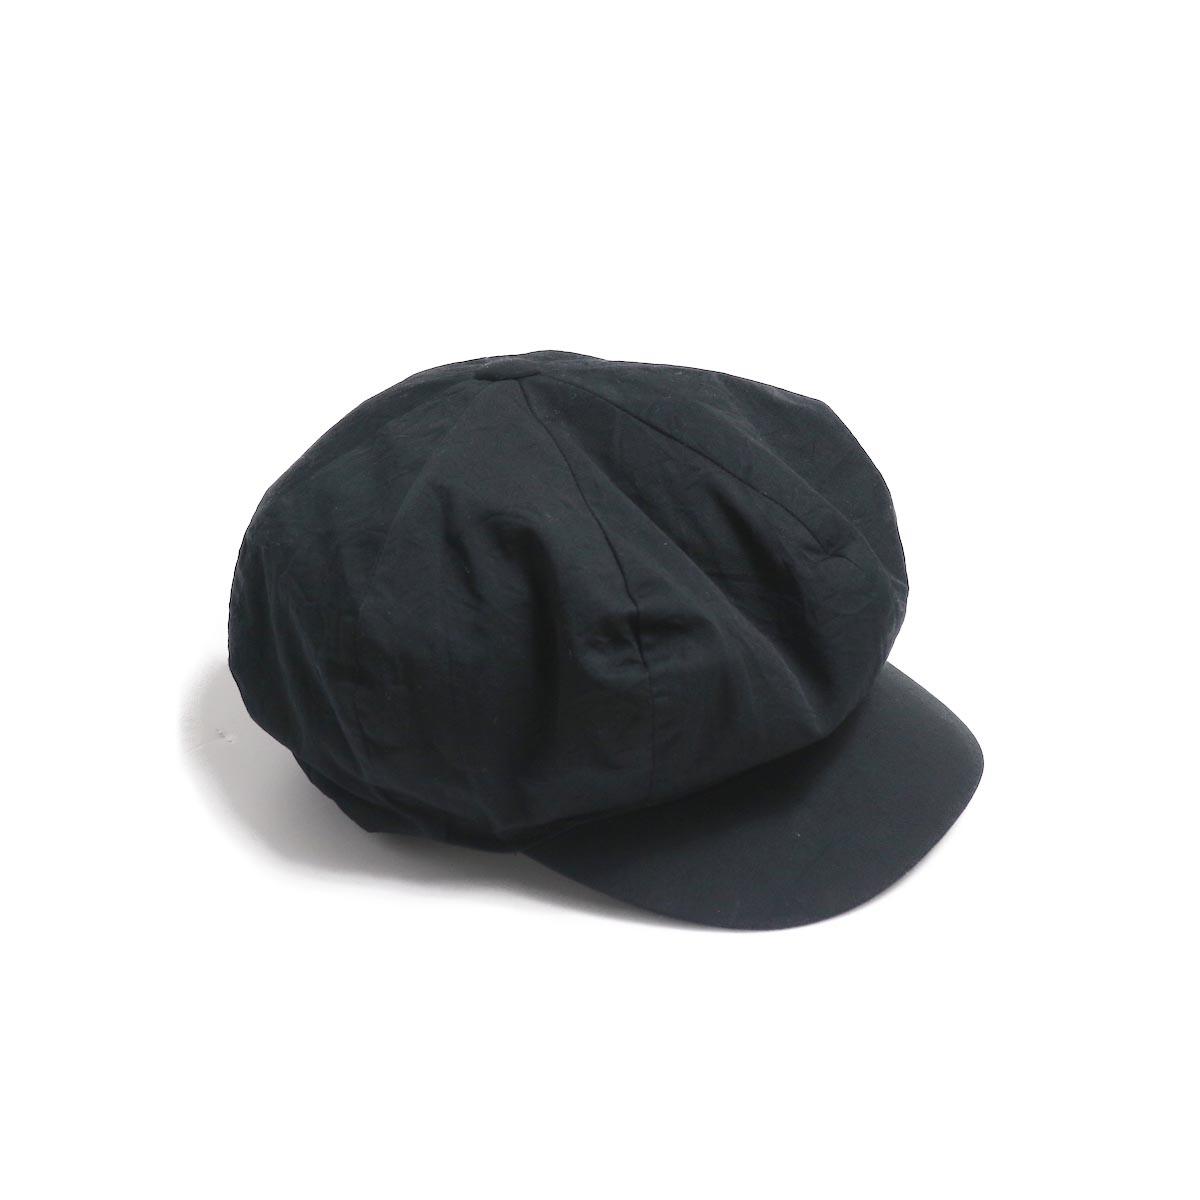 KIJIMA TAKAYUKI / Washed Casket (No.191110) -Black